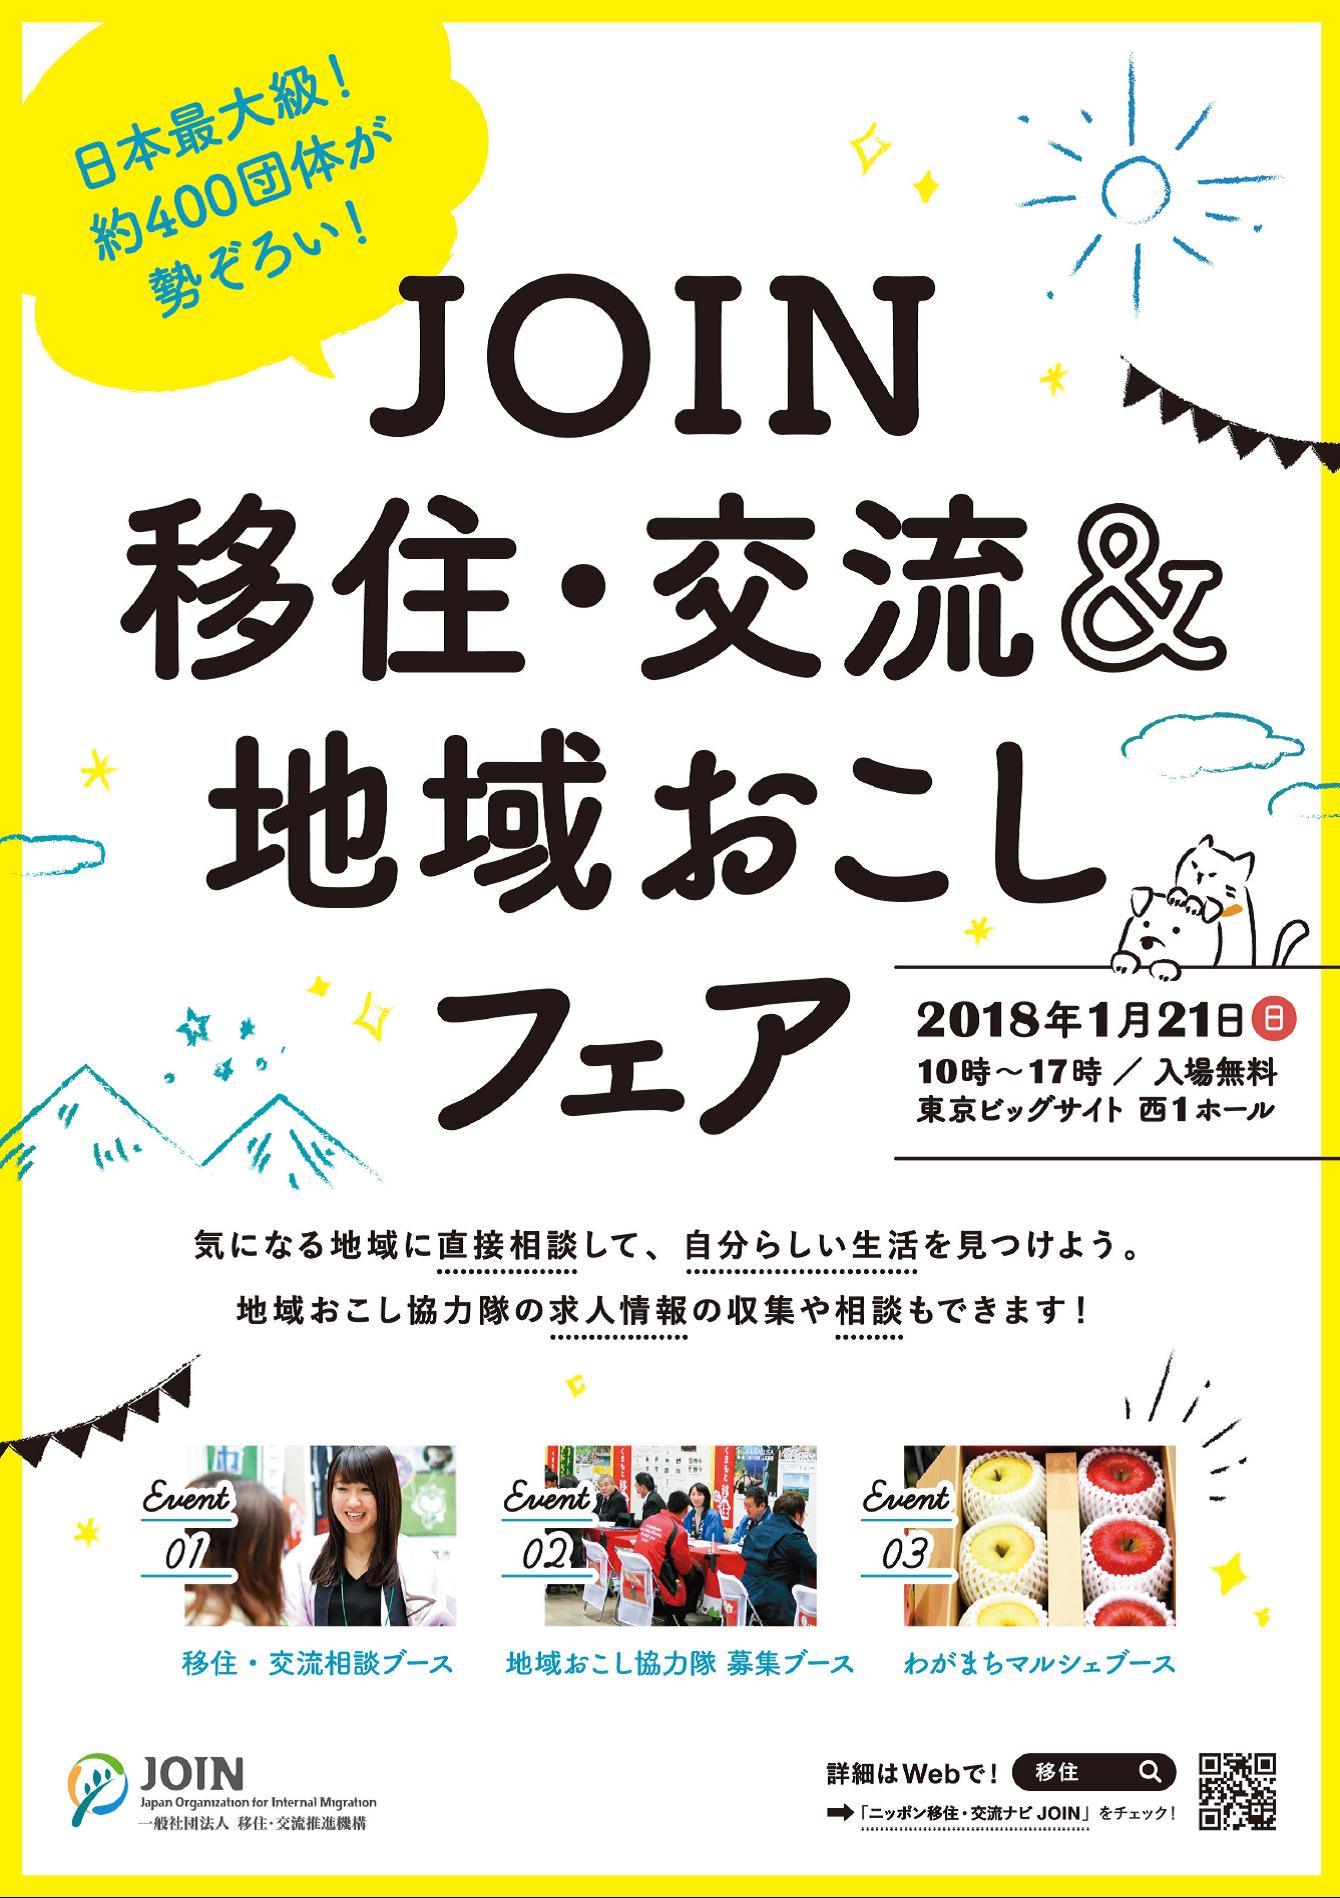 【1月21日(日)東京】JOIN移住交流&地域おこしフェアに県内14市町が出展します!_写真1